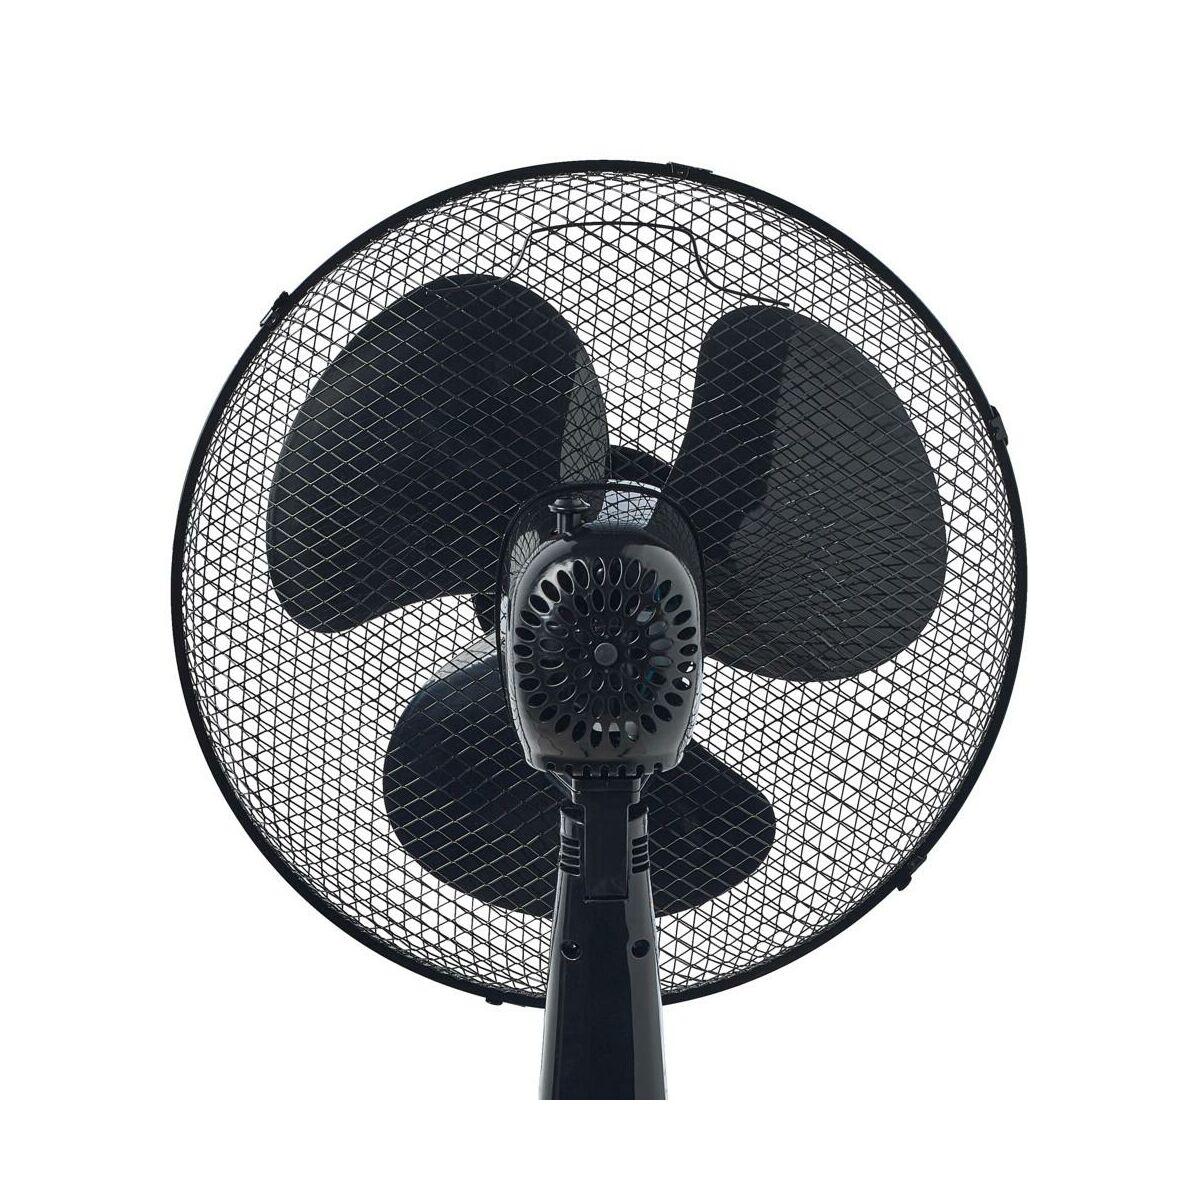 Wentylator Podlogowy 40 Cm Vo0027 40 W Czarny Volteno Wentylatory Przenosne W Atrakcyjnej Cenie W Sklepach Leroy Merlin